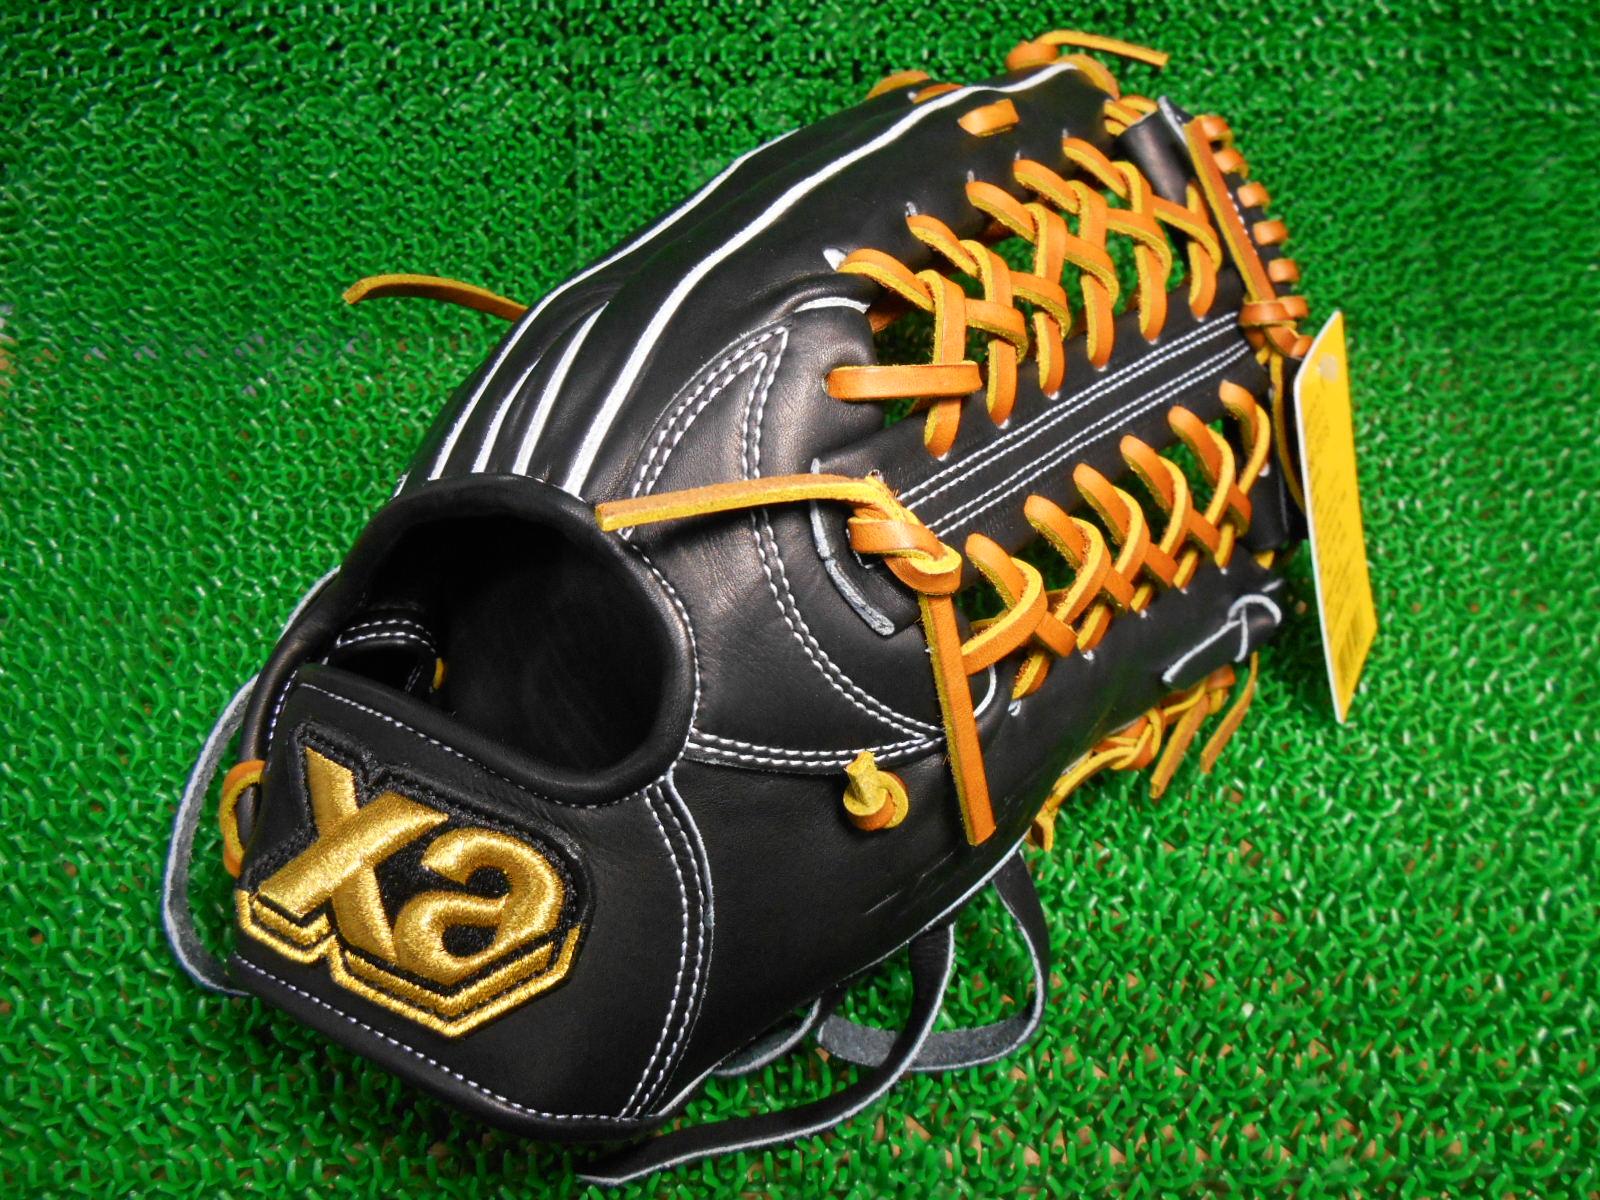 限定色!プロ選手と同じ型、同じ工程で作るグラブザナックス トラストエックス硬式一般 外野手用BHG-72115